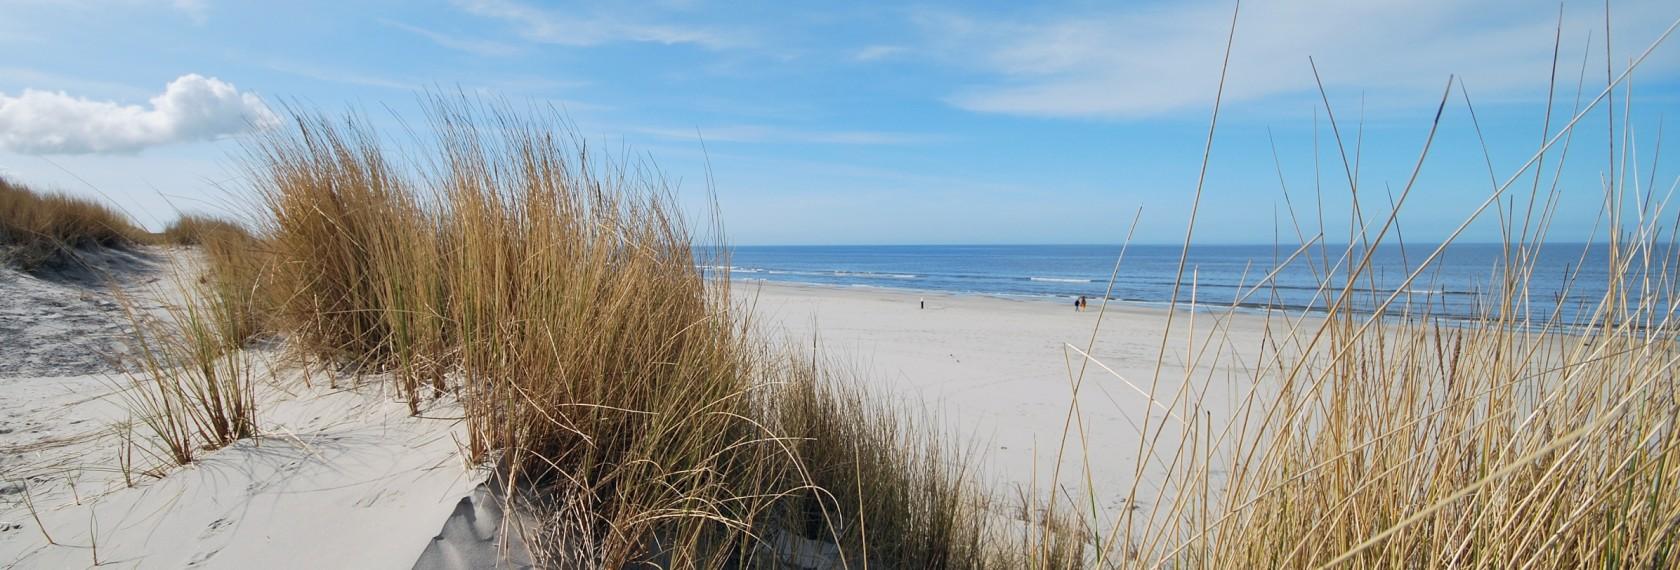 noordwijk holland strand